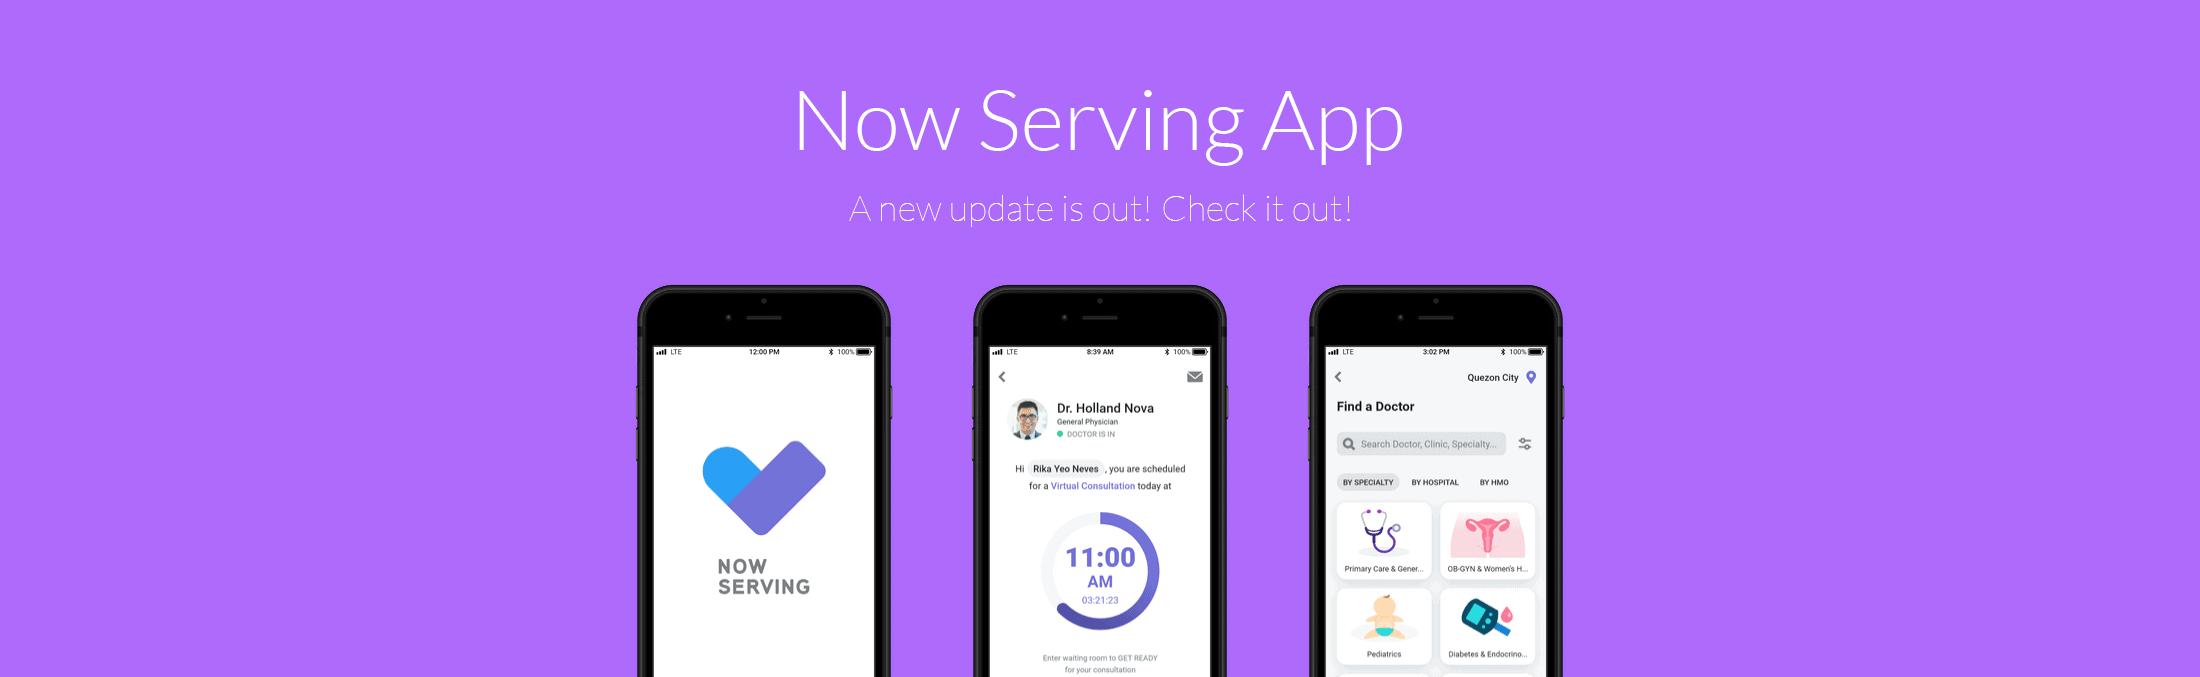 Now Serving app Update